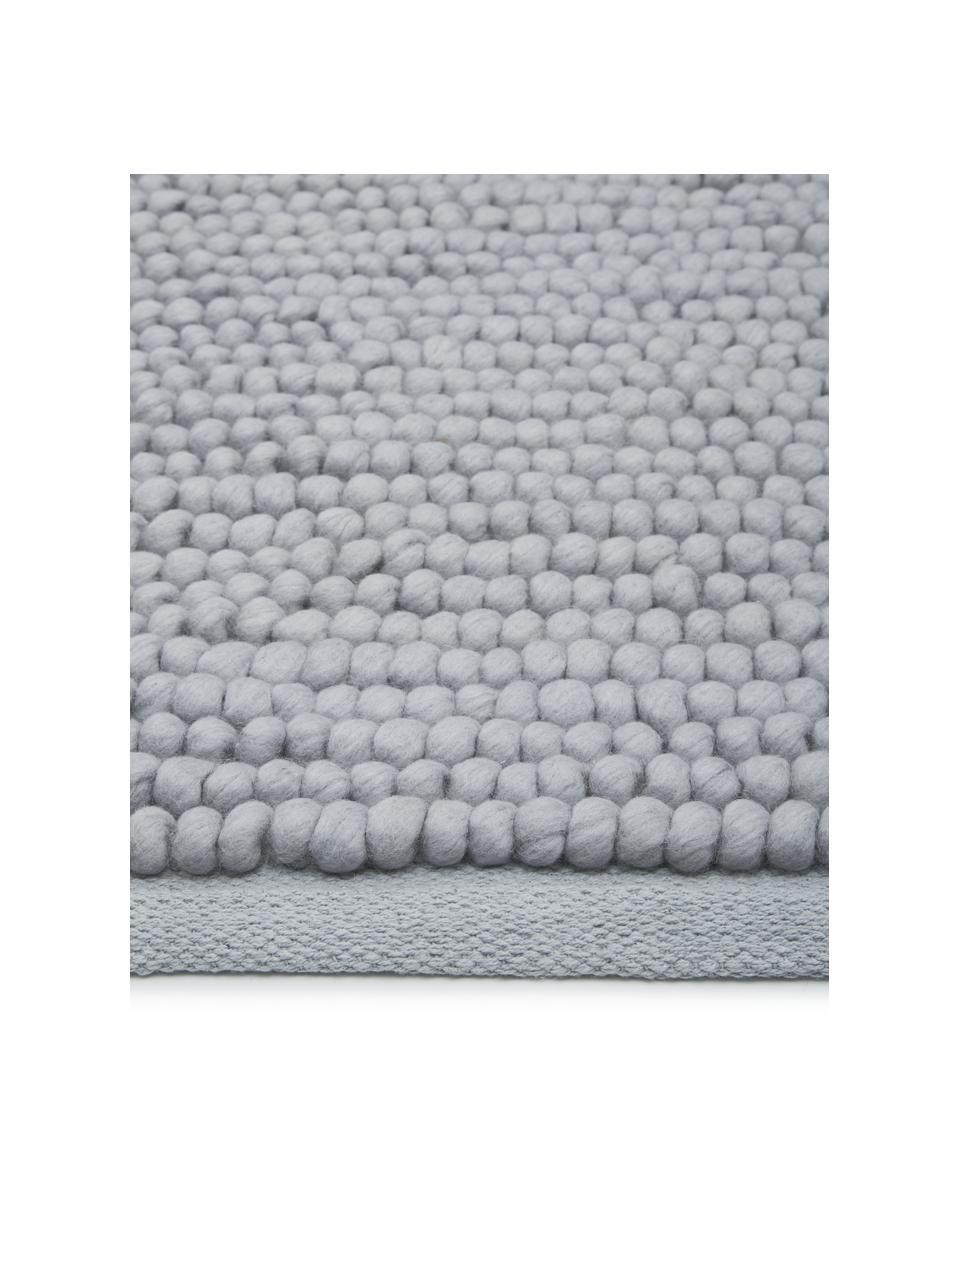 Dywan z wełny Pebble, 80% wełna nowozelandzka, 20% nylon Włókna dywanów wełnianych mogą nieznacznie rozluźniać się w pierwszych tygodniach użytkowania, co ustępuje po pewnym czasie, Szary, S 80 x D 150 cm (Rozmiar XS)